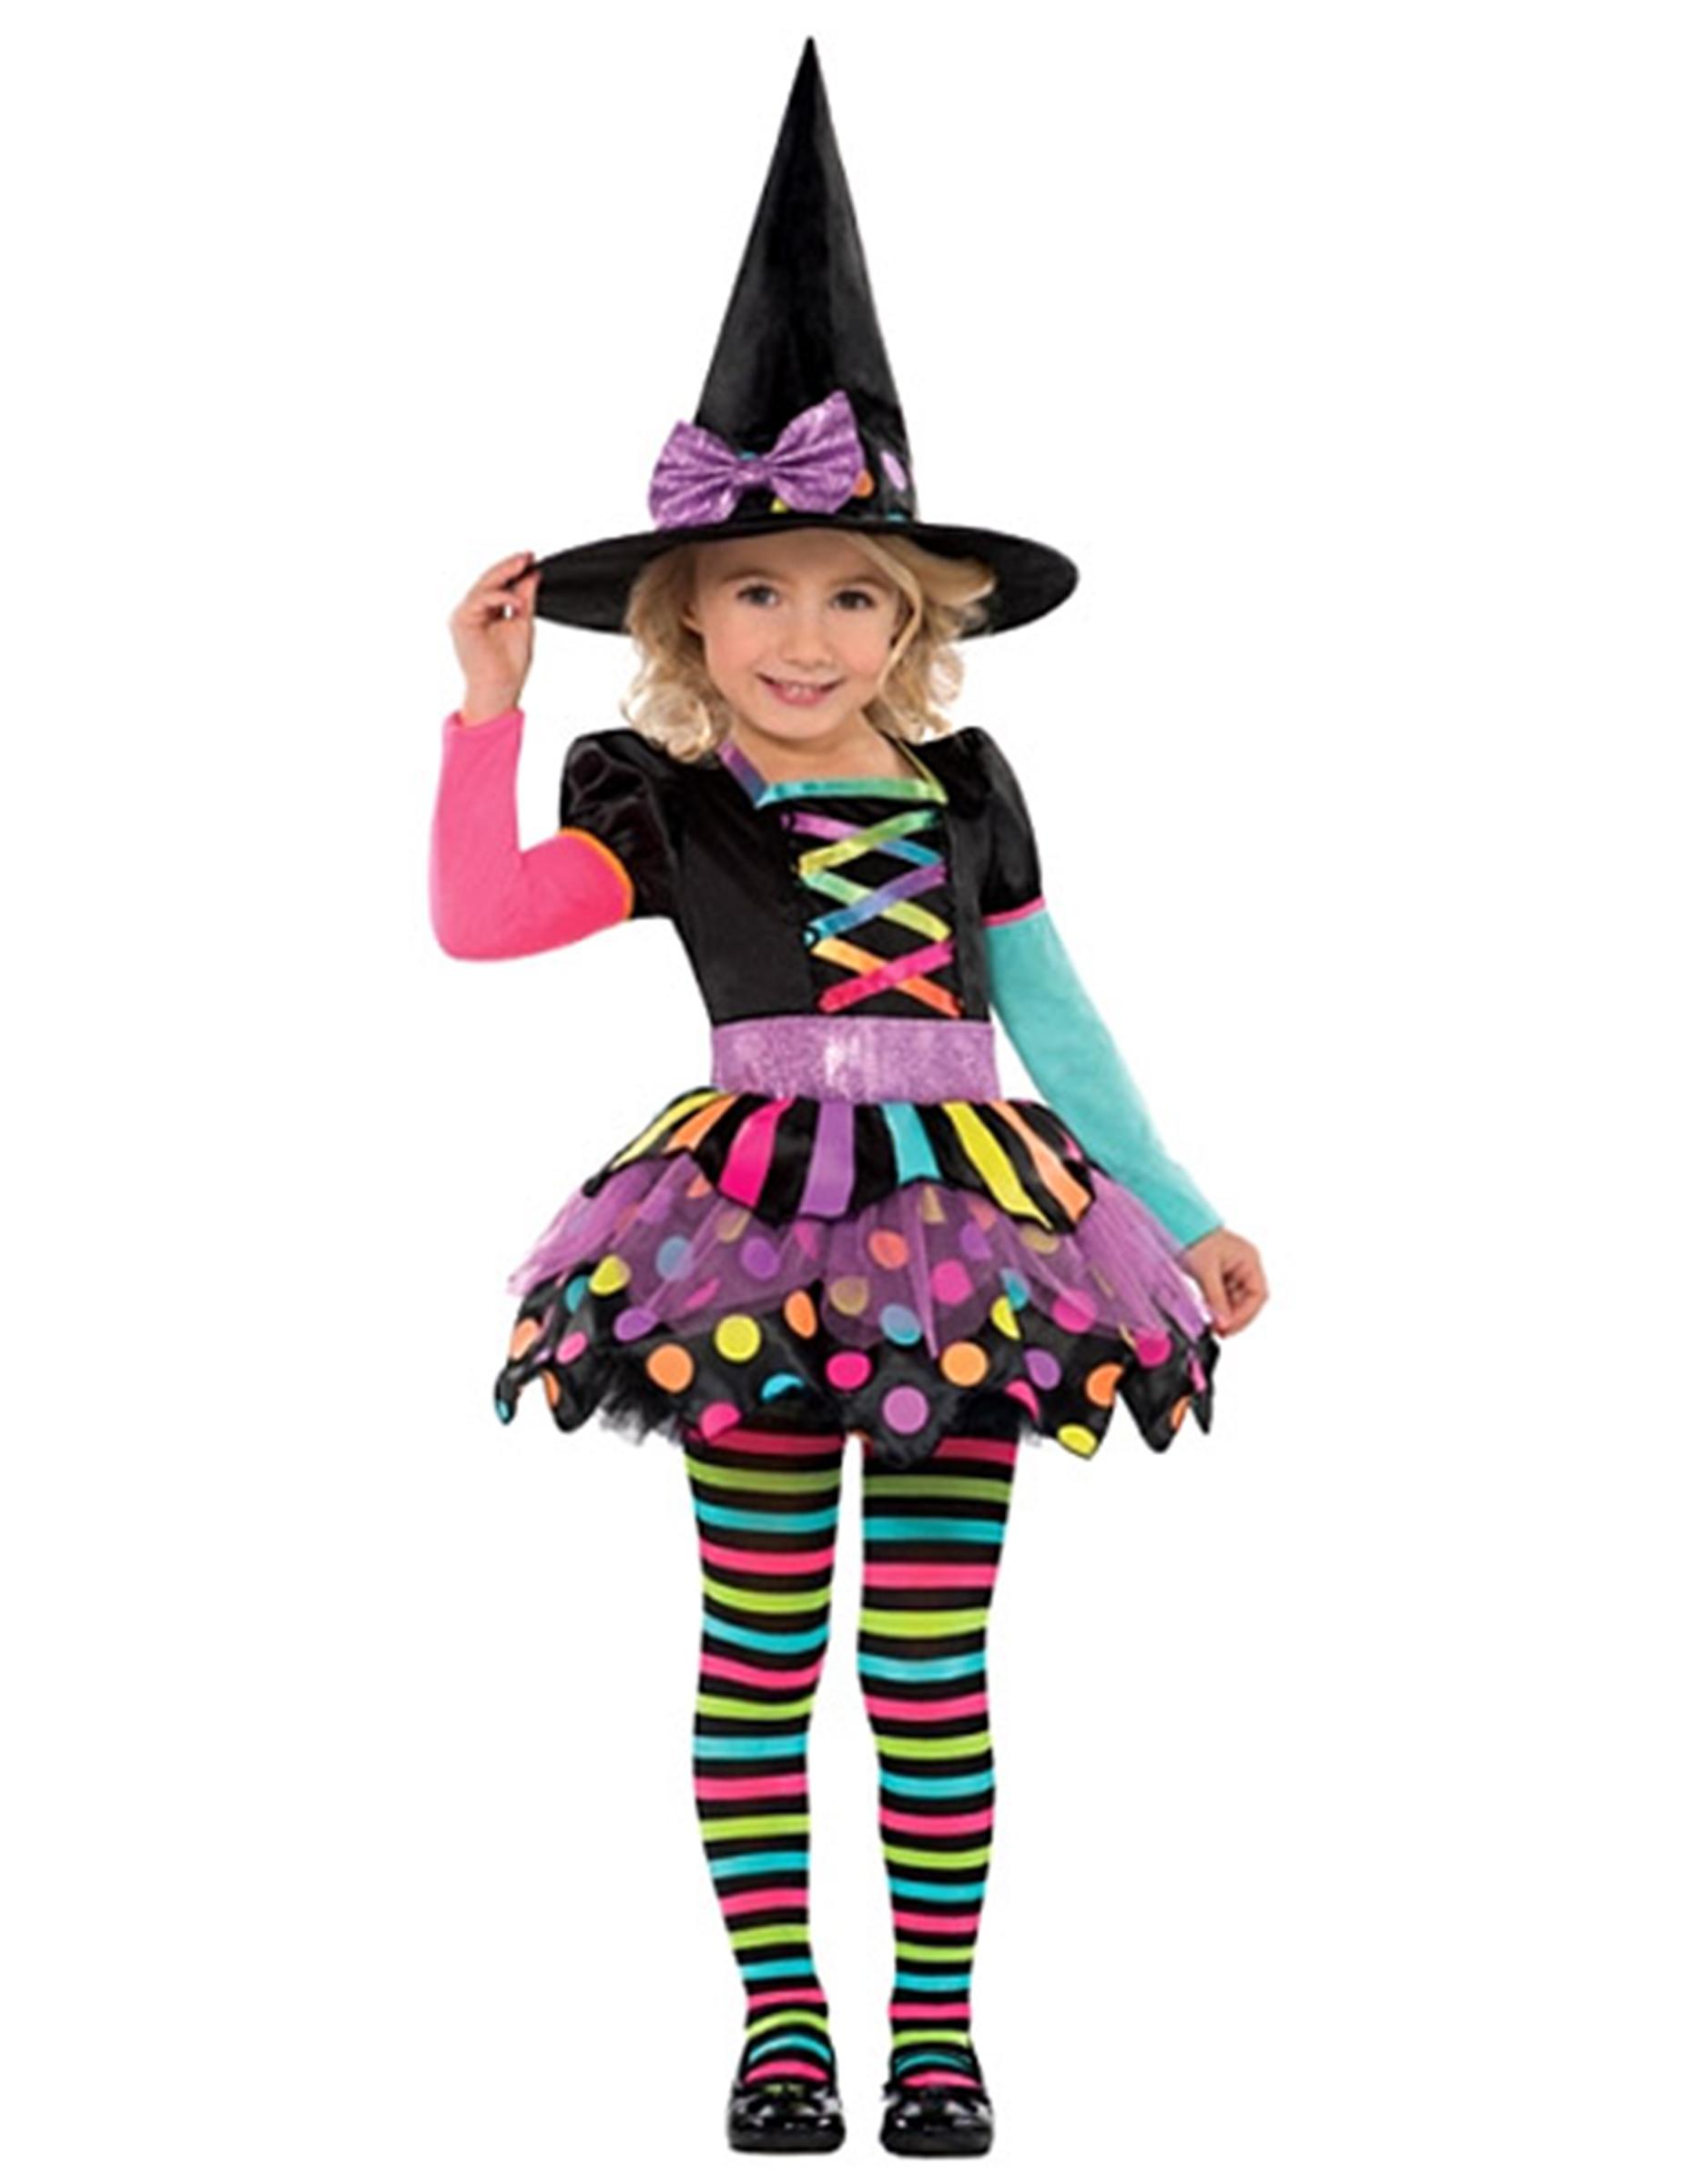 Disfraz De Diablita Para Nina Medias Halloween Nina wwwfinviz